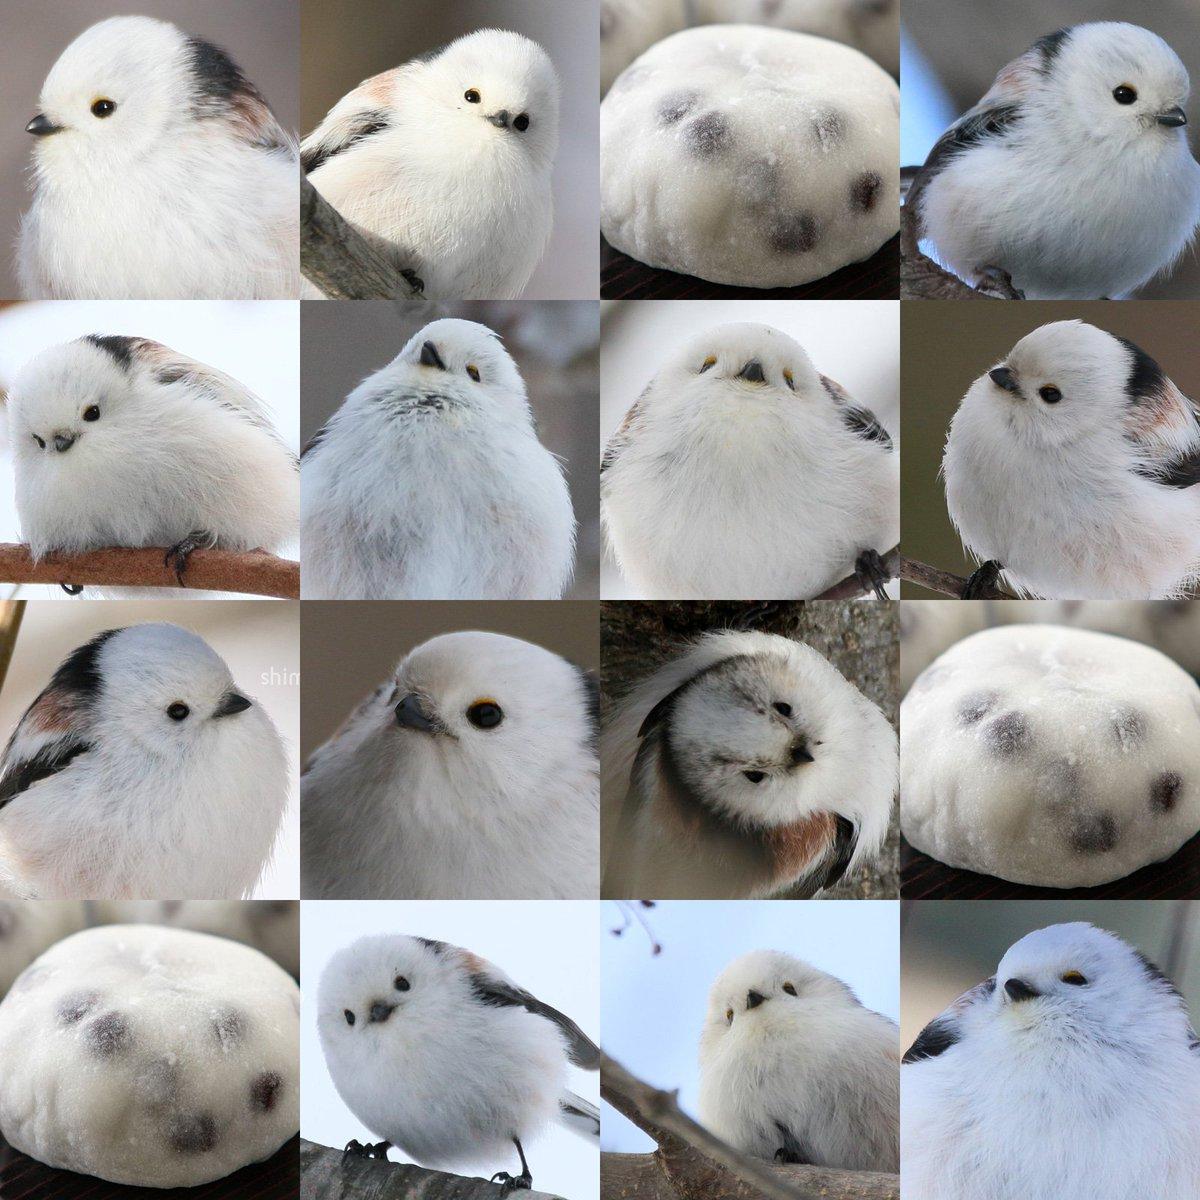 北海道でシマエナガという鳥さんをやってます #私を布教して